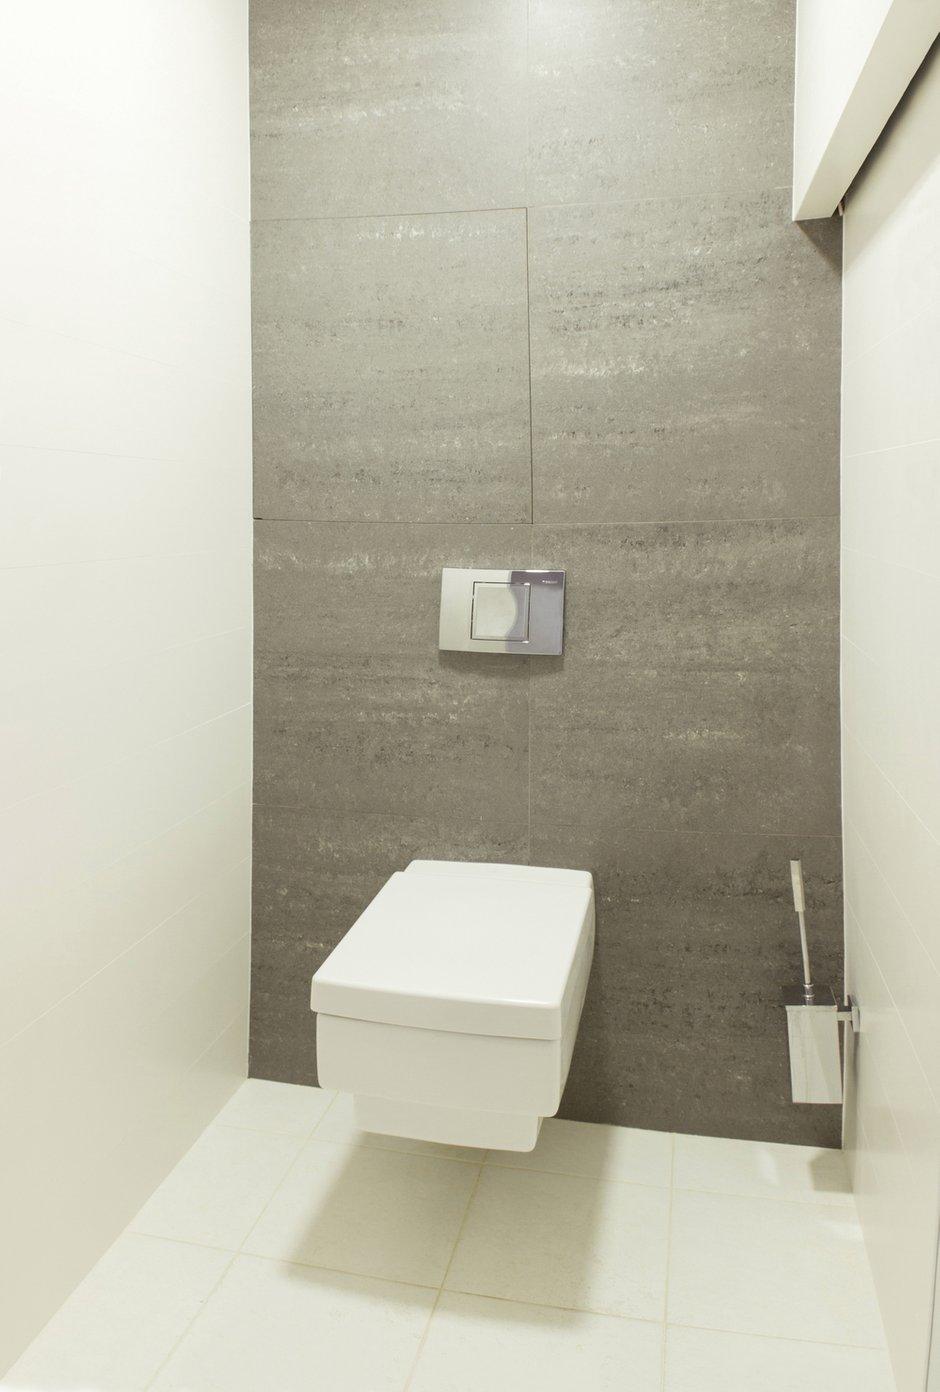 Фотография: Ванная в стиле Лофт, Квартира, Цвет в интерьере, Дома и квартиры, Белый, Минимализм, Проект недели – фото на INMYROOM